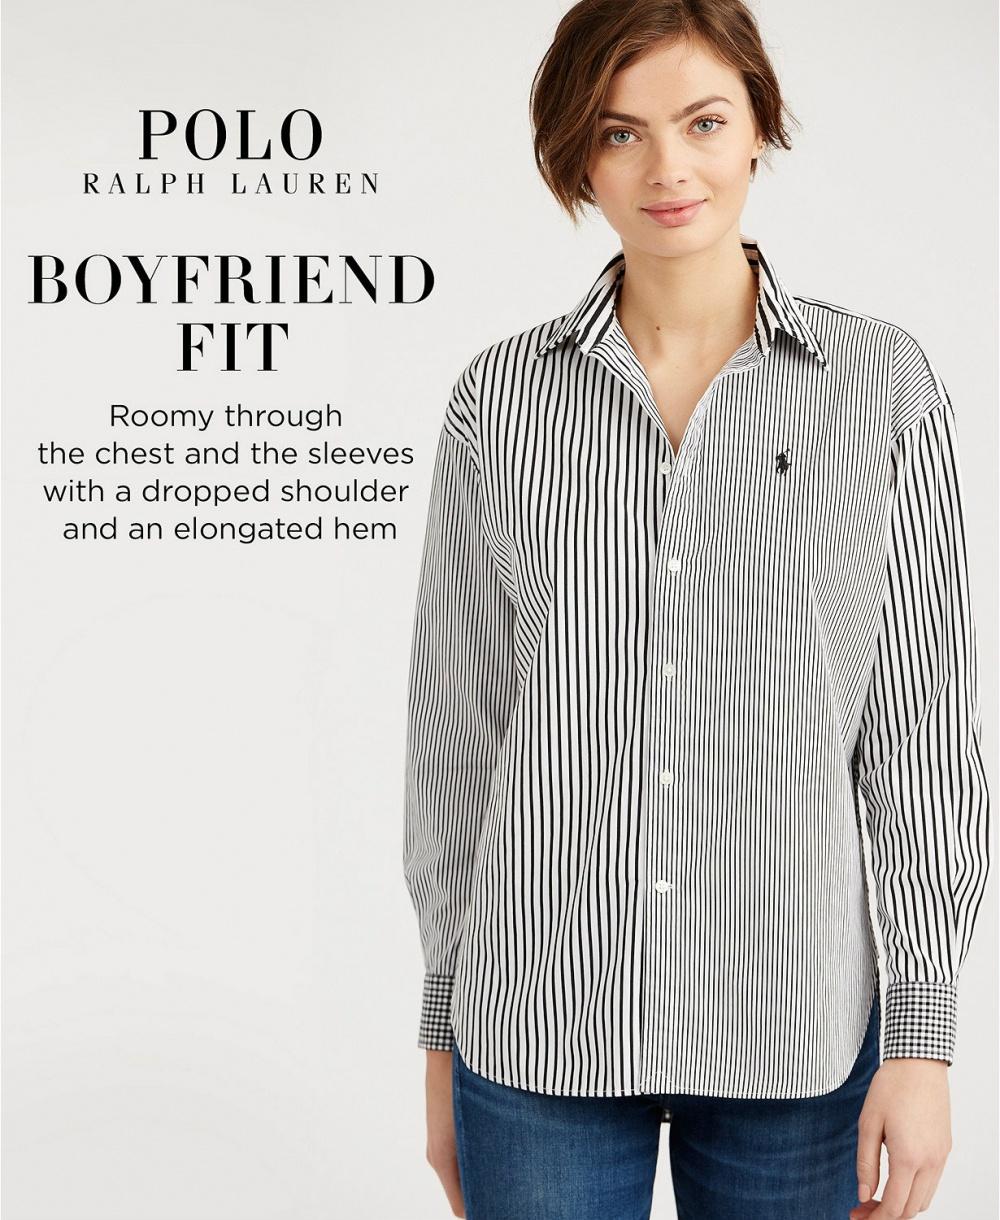 Рубашка Polo Ralph Lauren, размер US 6 (44-46)